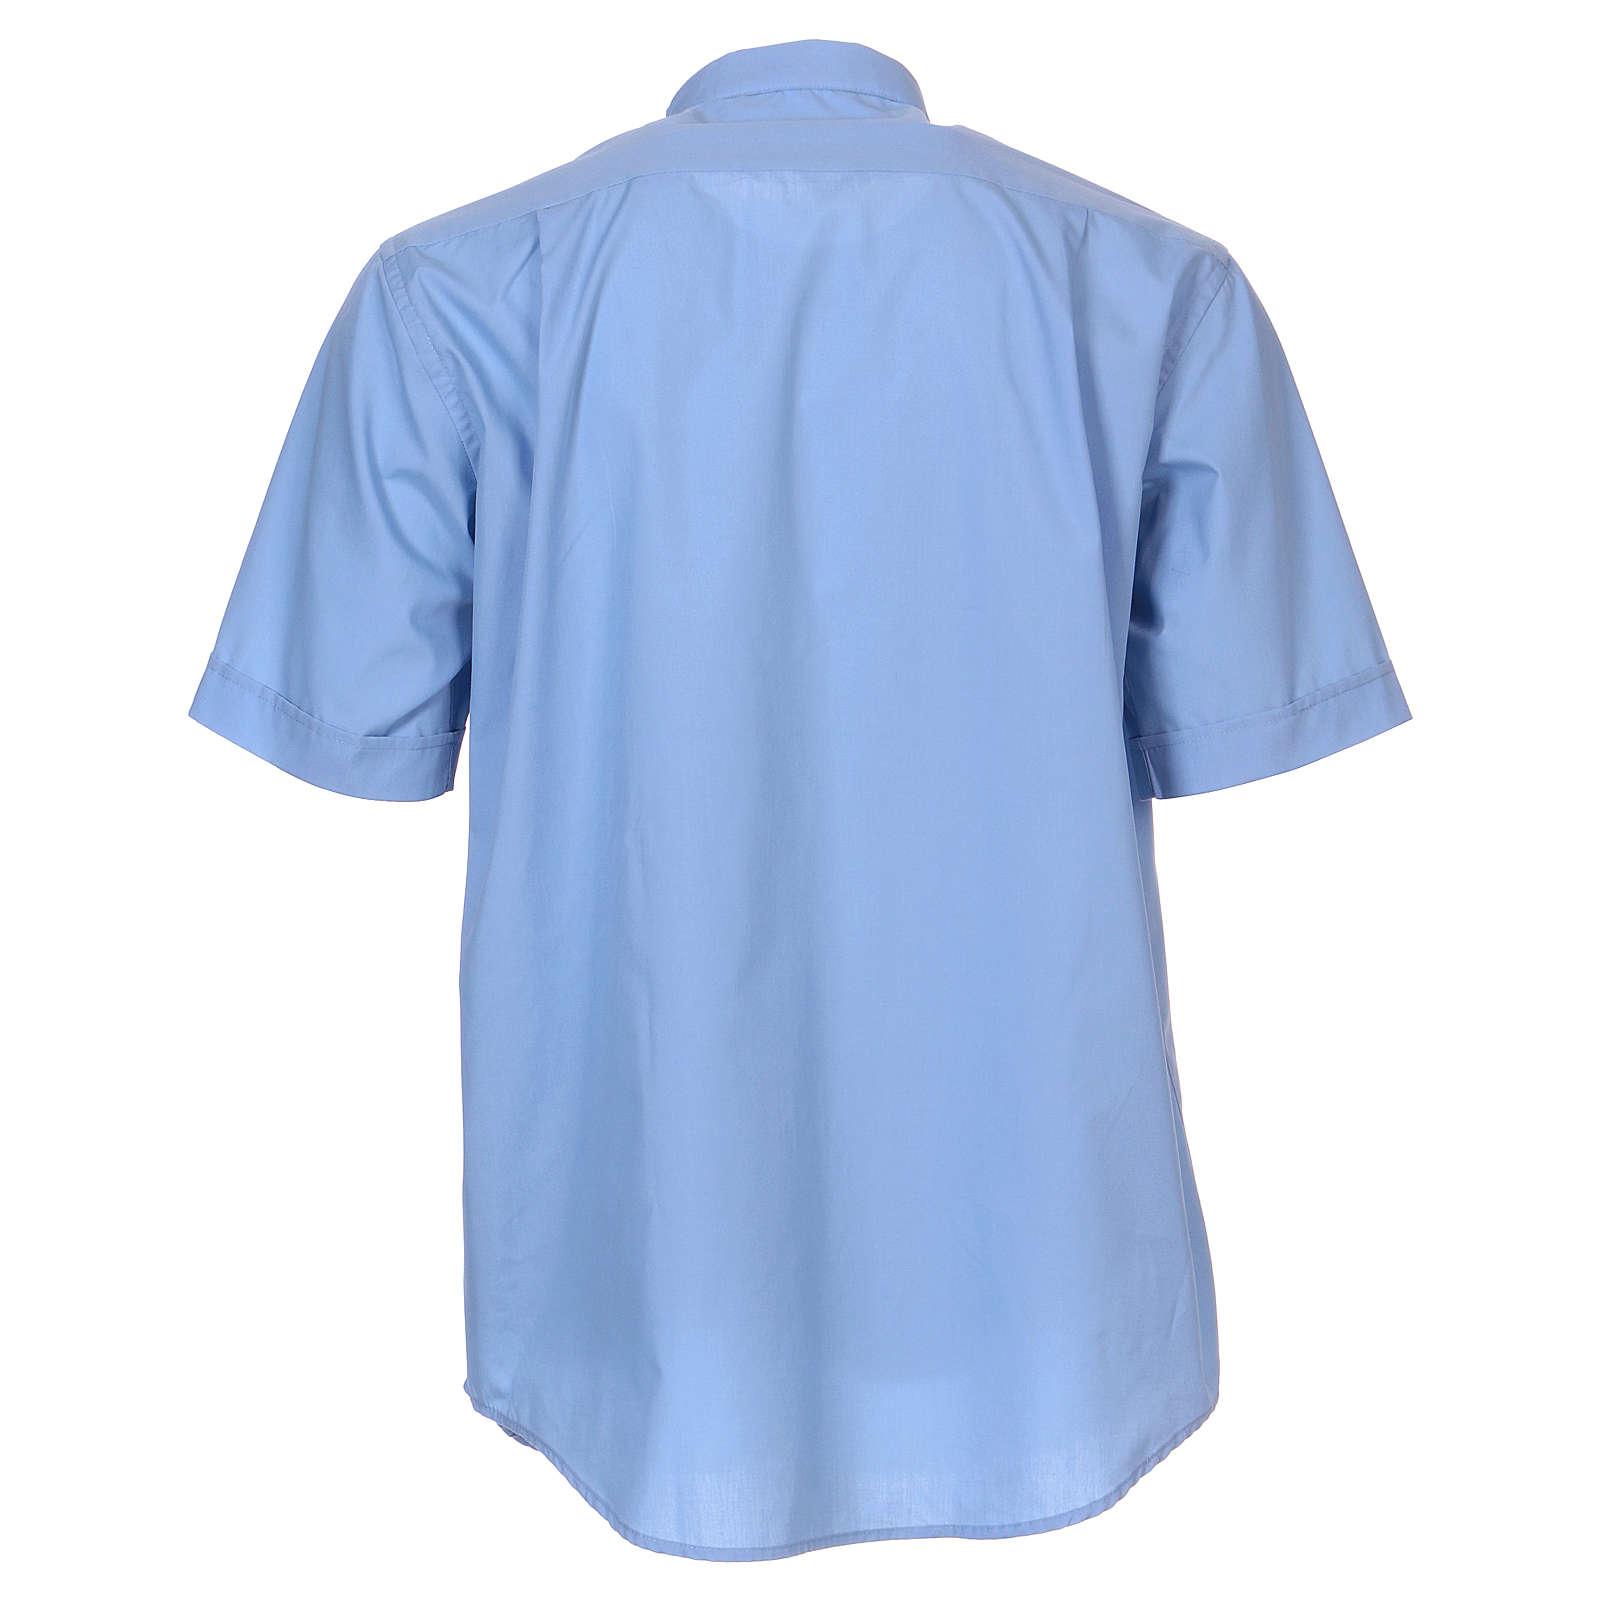 Collarhemd mit Kurzarm aus Baumwoll-Mischgewebe in der Farbe Hellblau In Primis 4